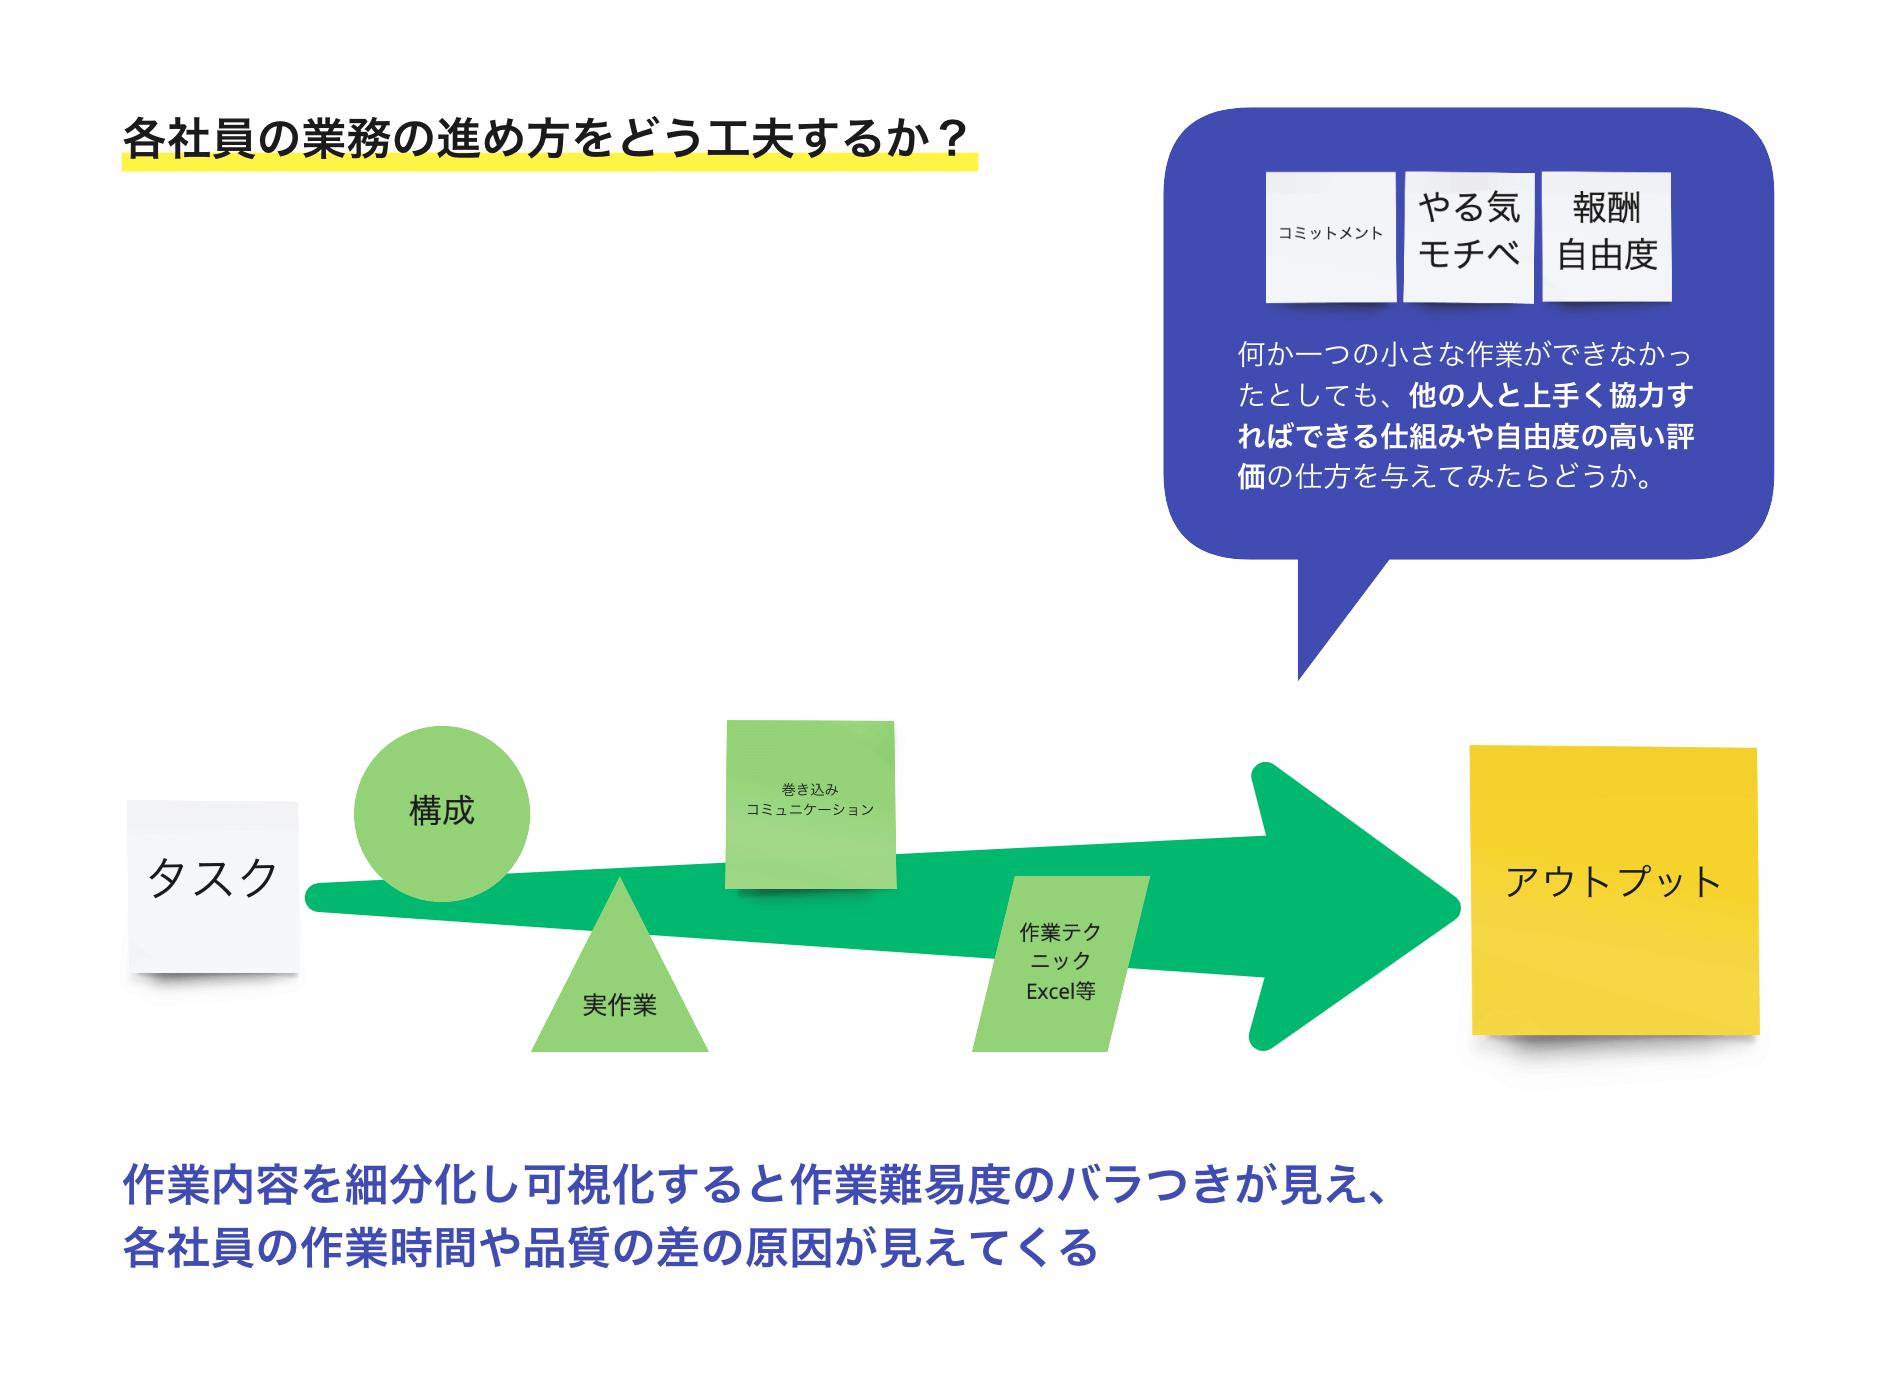 図2 各社員の業務の進め方をどう工夫するか?